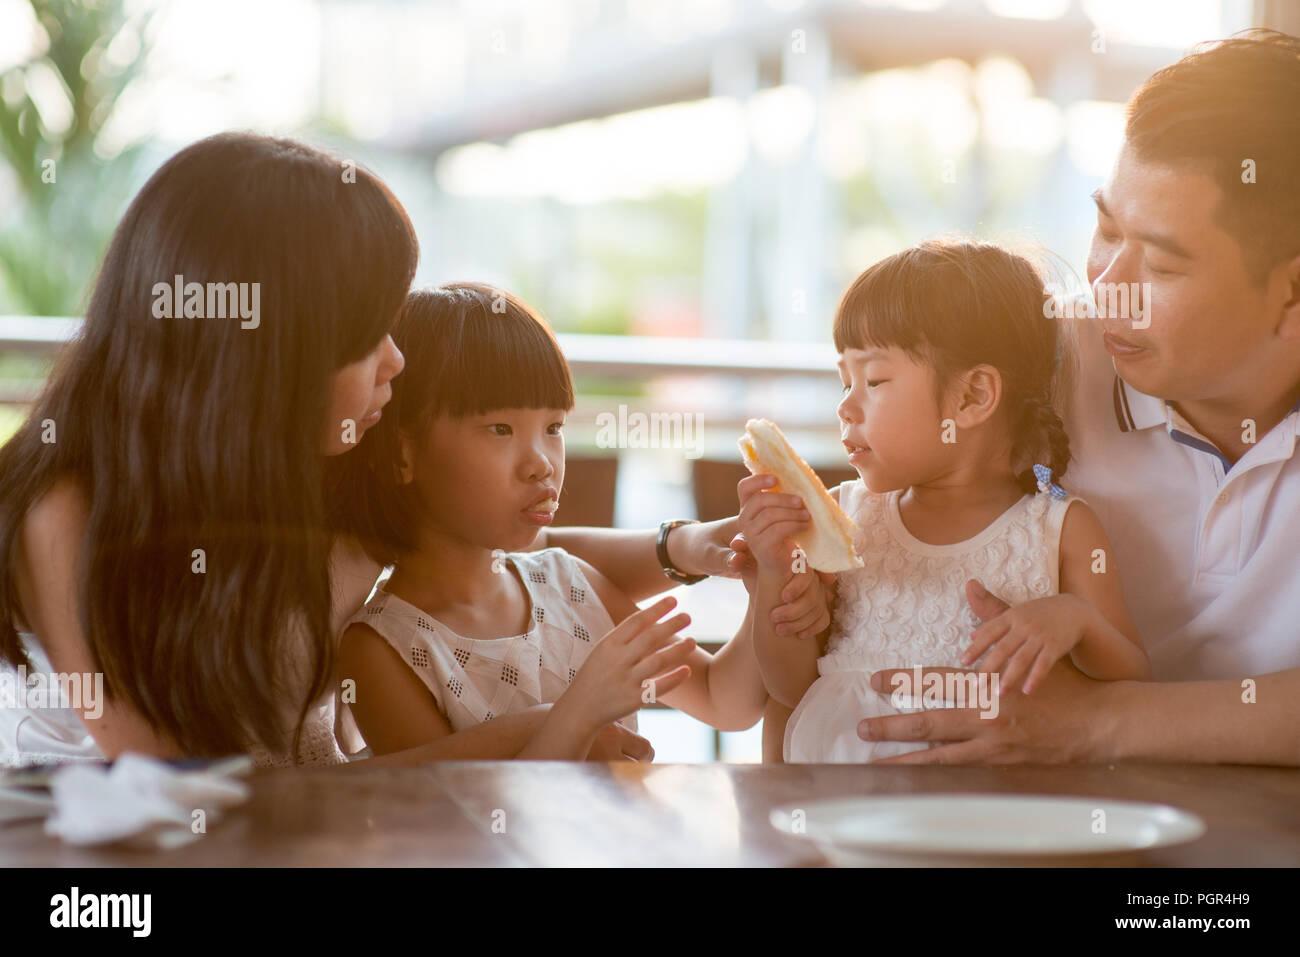 Heureux les enfants de manger et de partager le pain dans une cafétéria. Vie de plein air famille asiatique avec lumière naturelle. Photo Stock